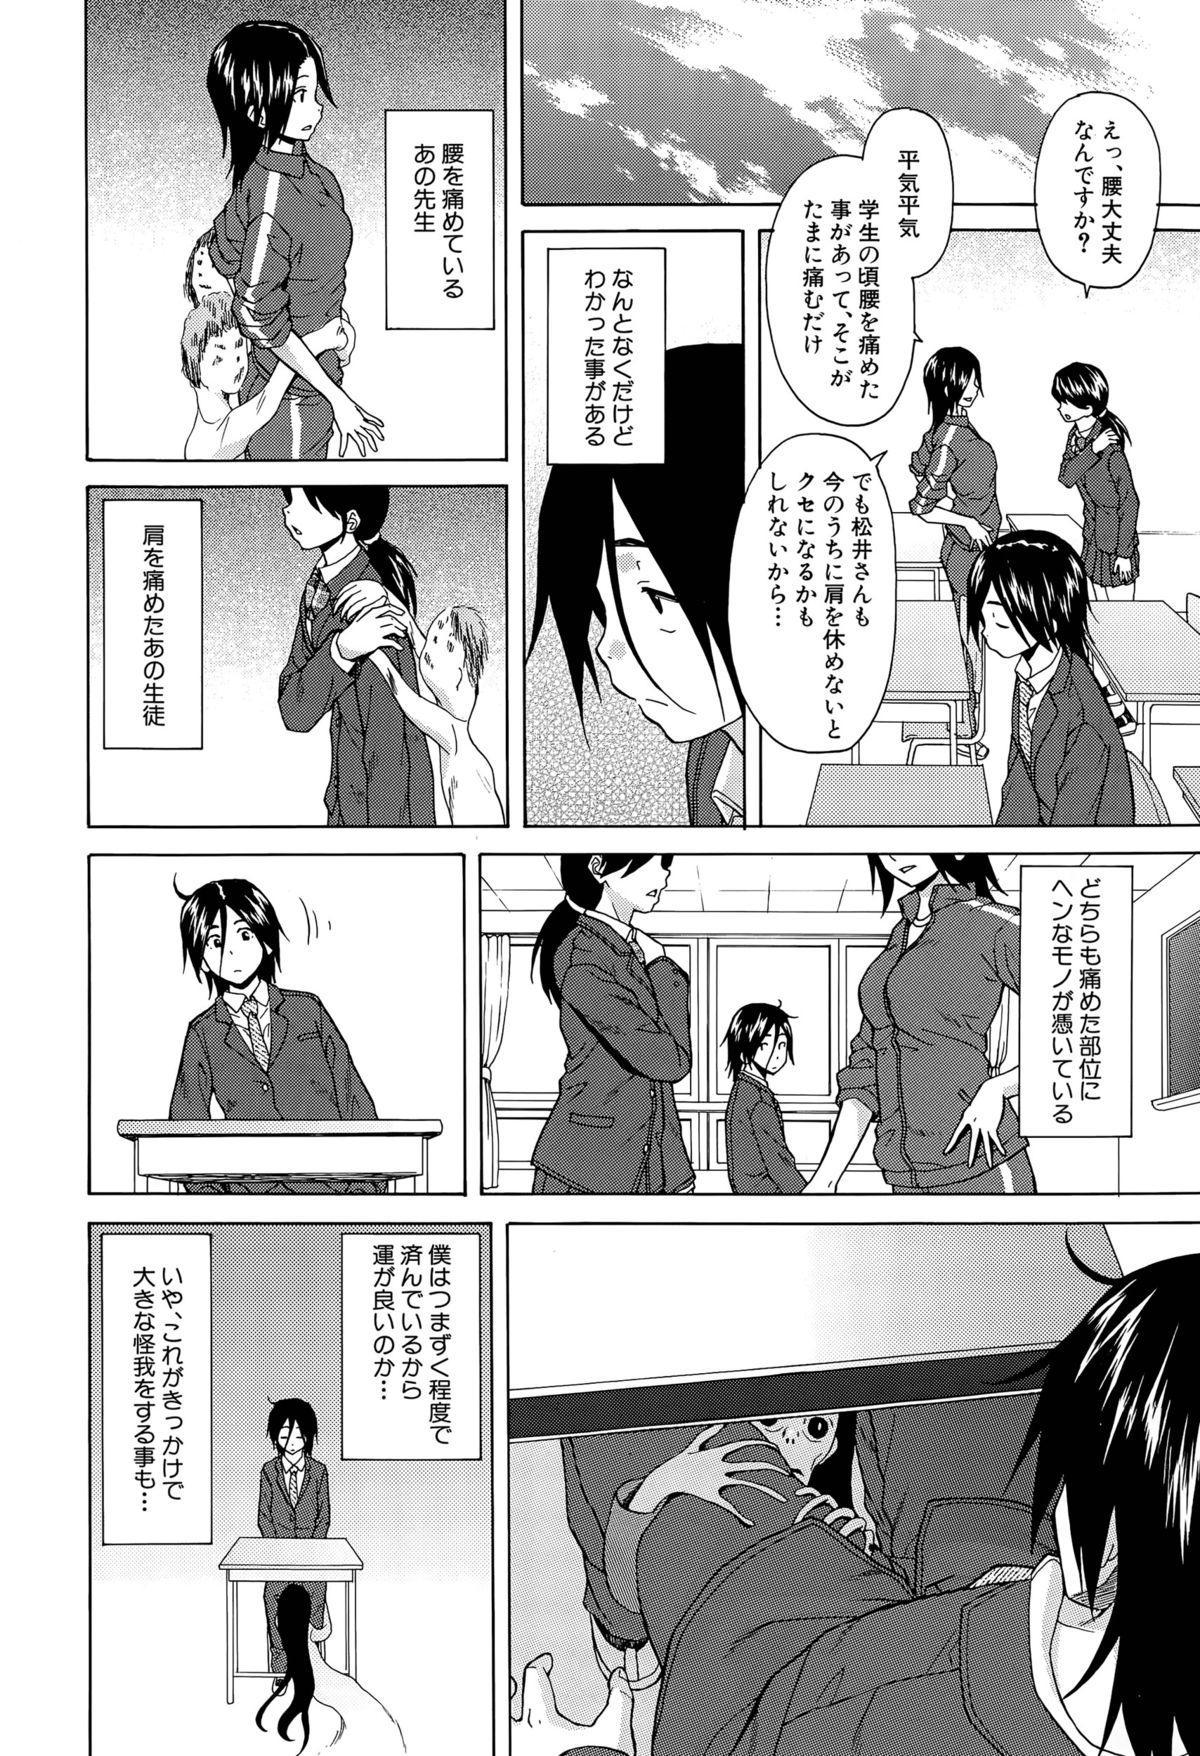 Boku to Kanojo to Yuurei to Ch. 1-3 41